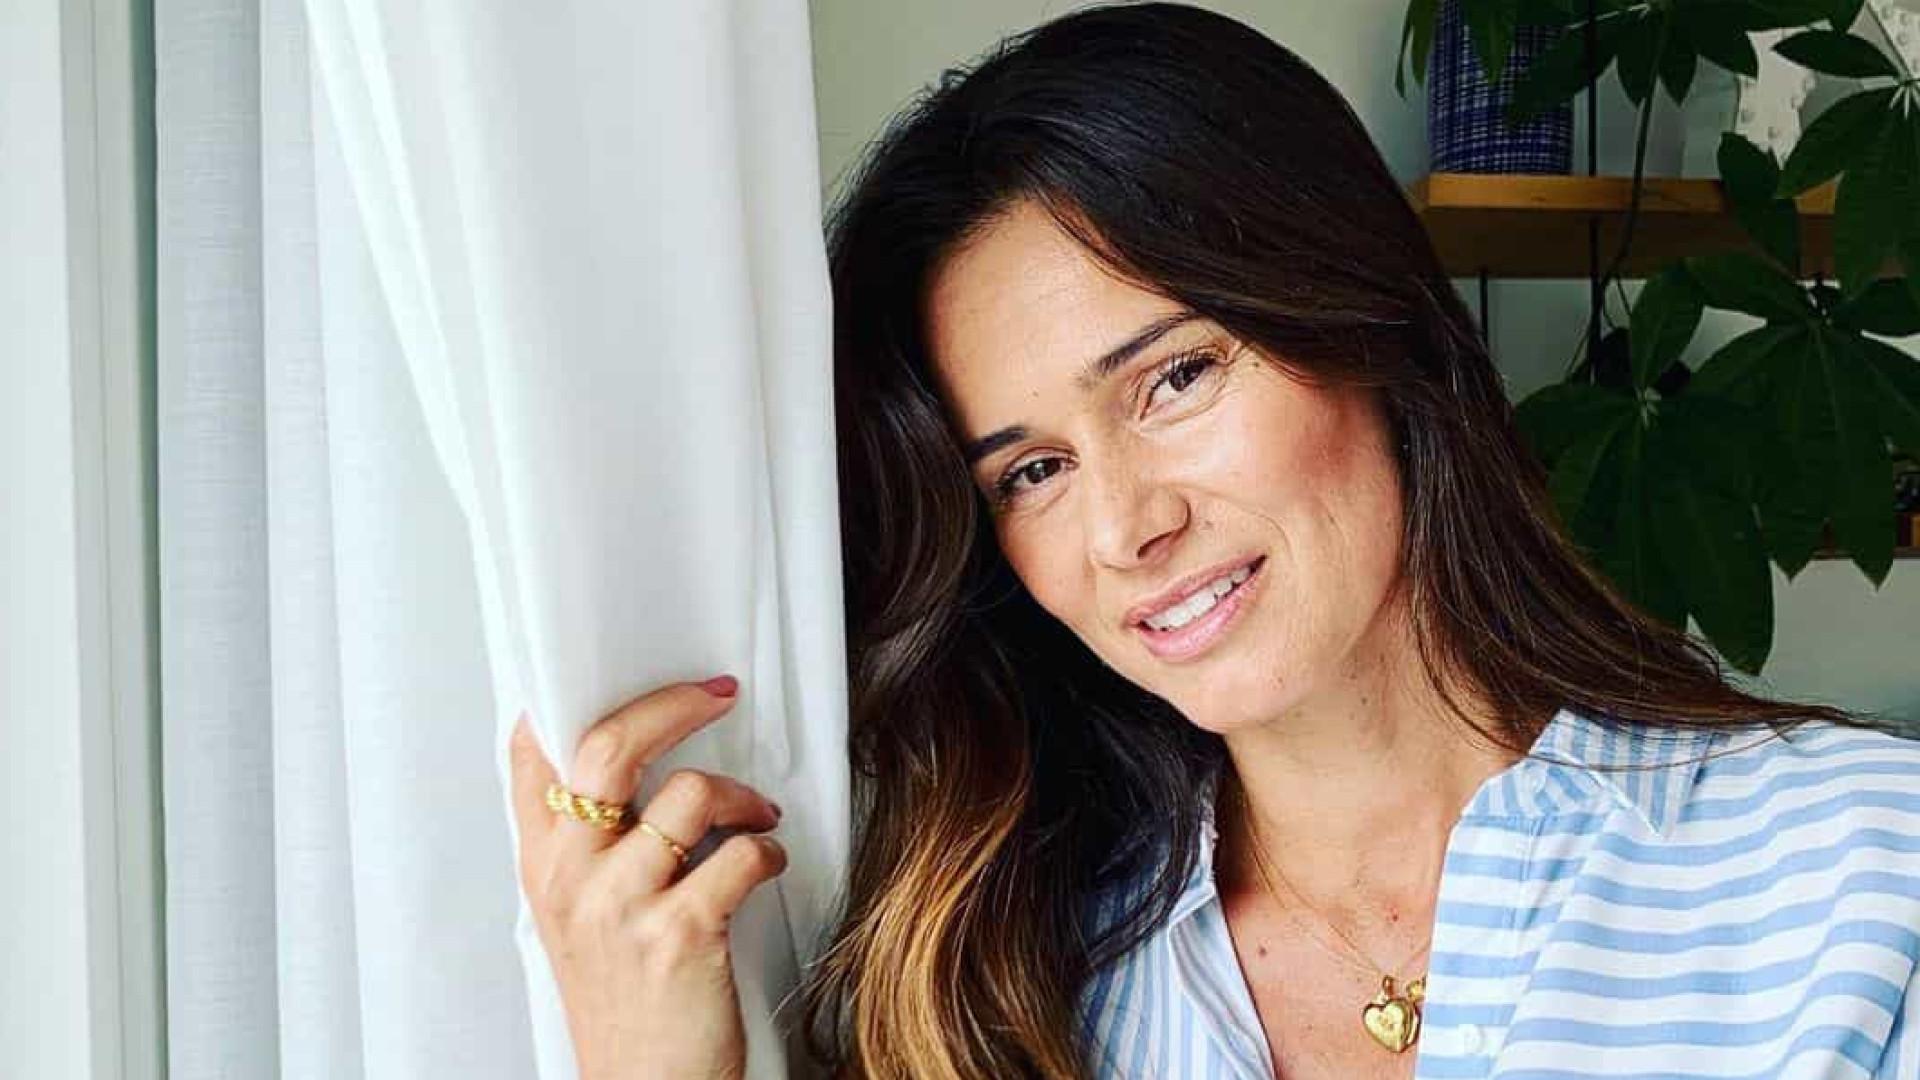 Cláudia Vieira vive data feliz em família